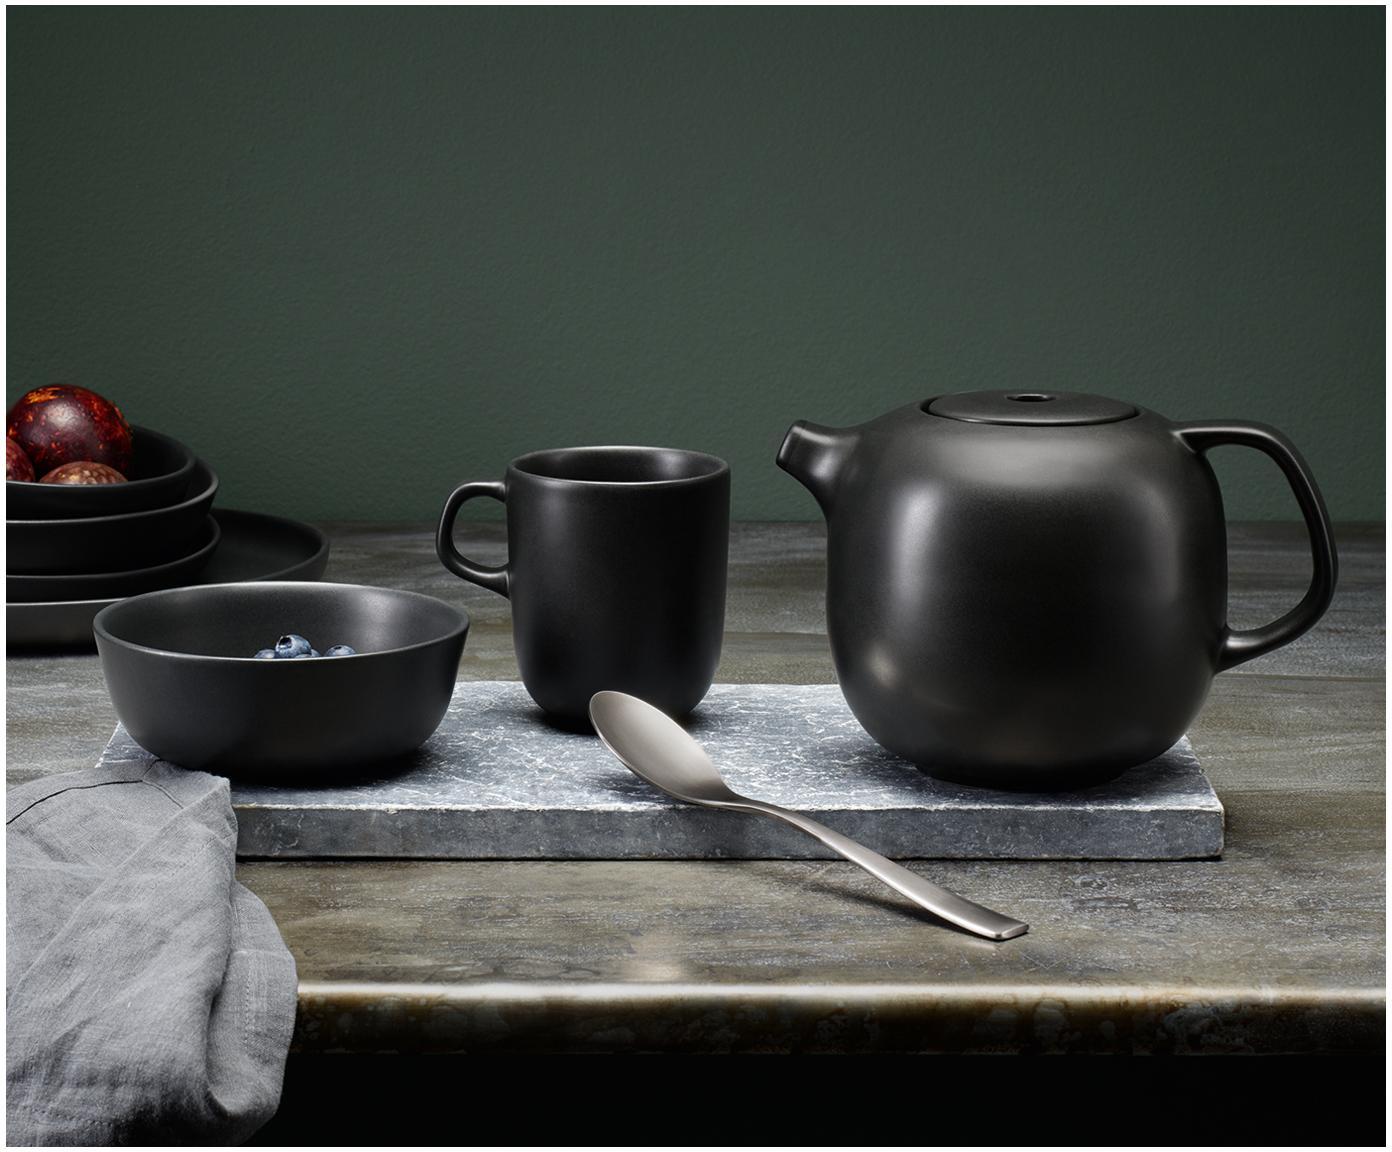 Teekanne Nordic Kitchen in Schwarz matt, Kanne: Steingut, Schwarz, matt, 1 L